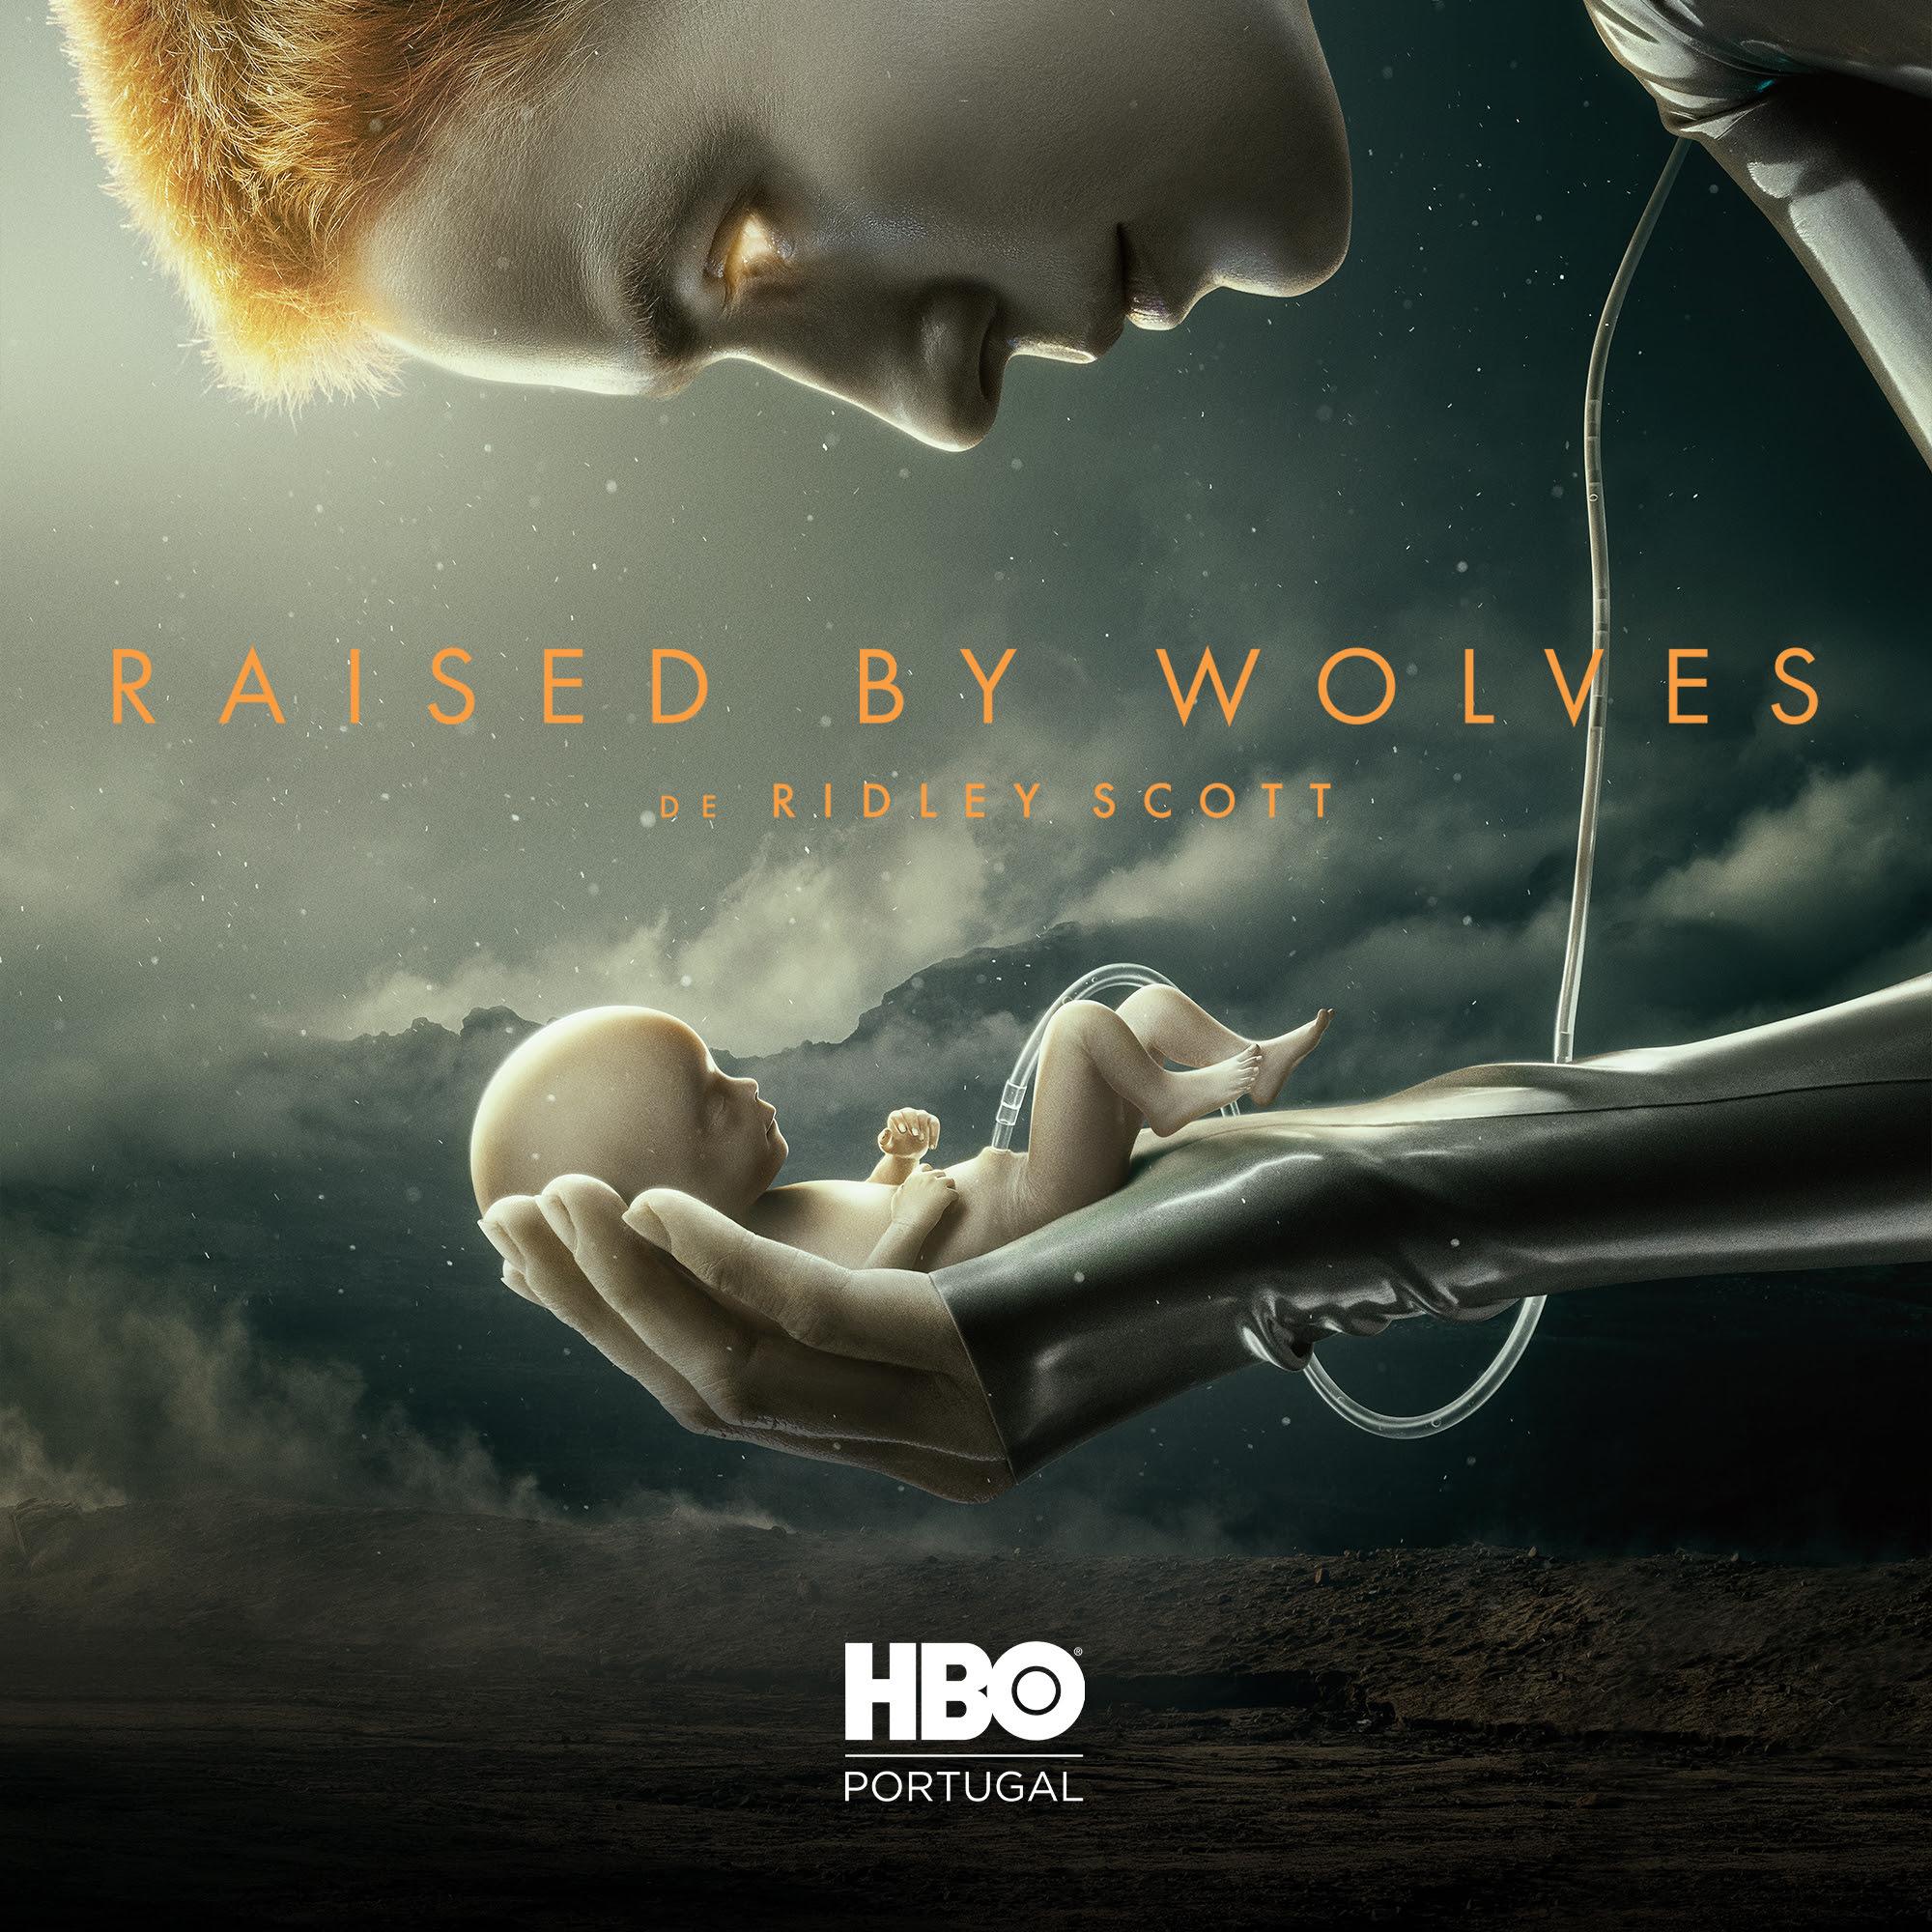 """PRIMEIRO TRAILER DA SÉRIE """"RAISED BY WOLVES"""" - ESTREIA DIA 4 DE SETEMBRO NA HBO PORTUGAL"""